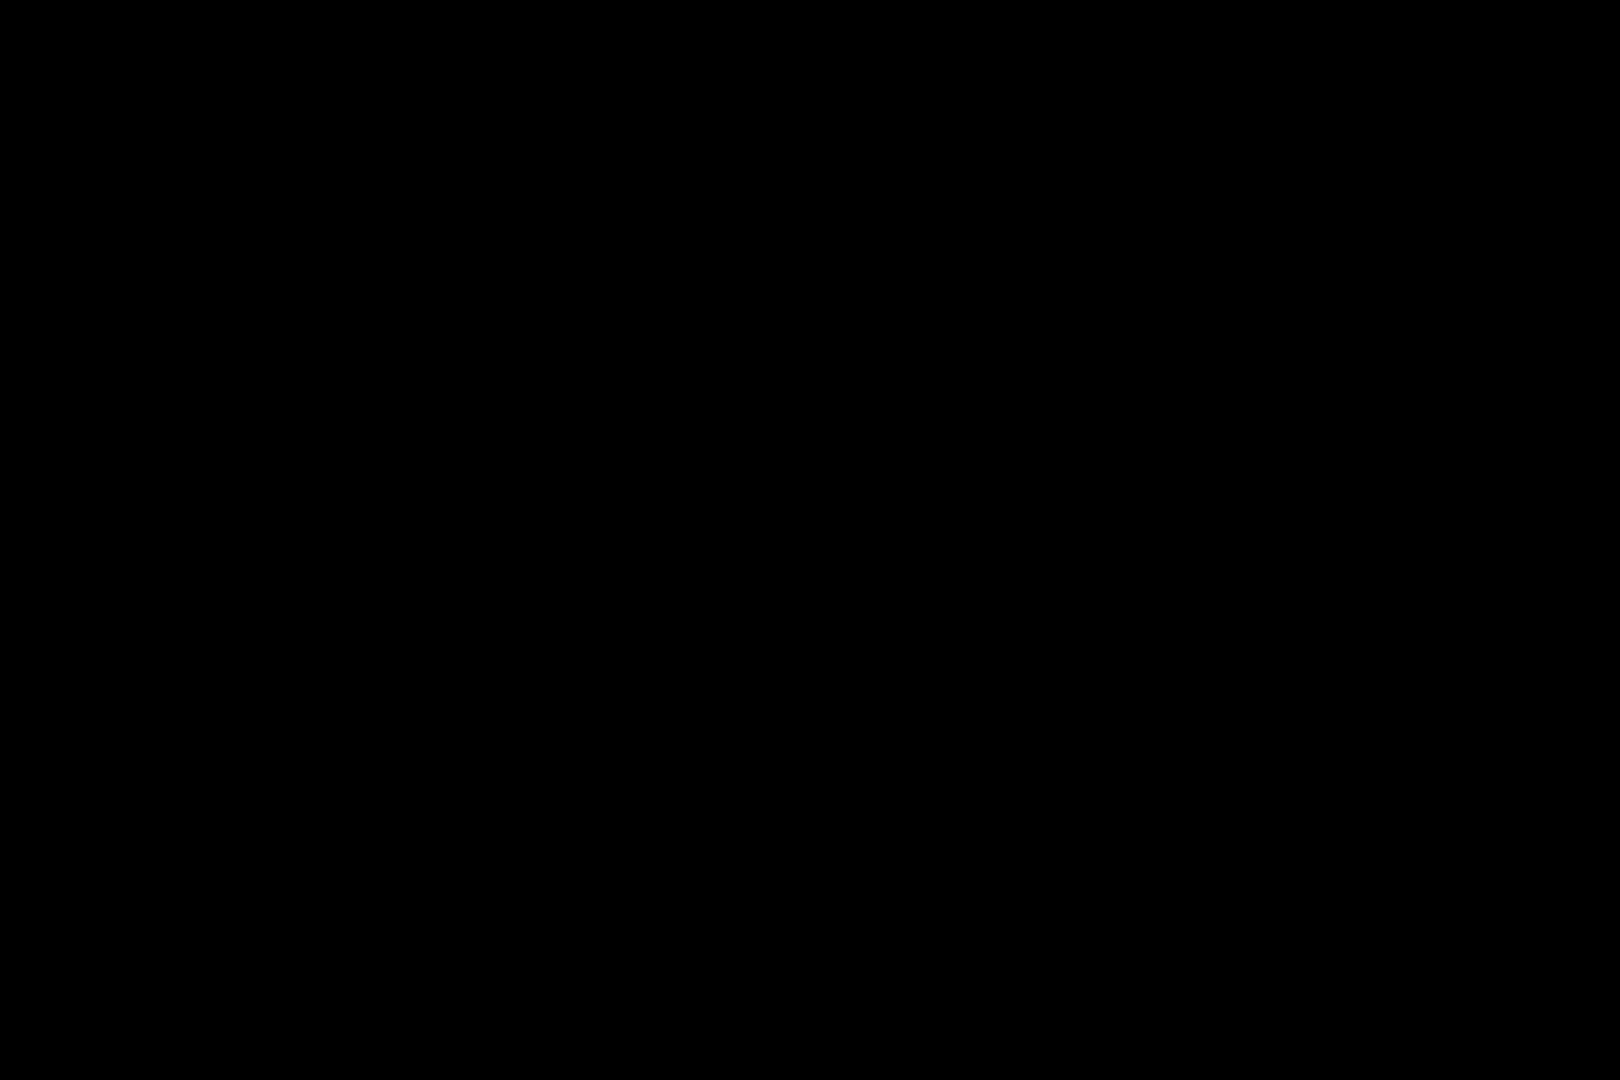 エロフェロモン全開の90センチ巨乳の淫乱人妻とSEX~篠崎麻美~ フェラ | 淫乱  81連発 7